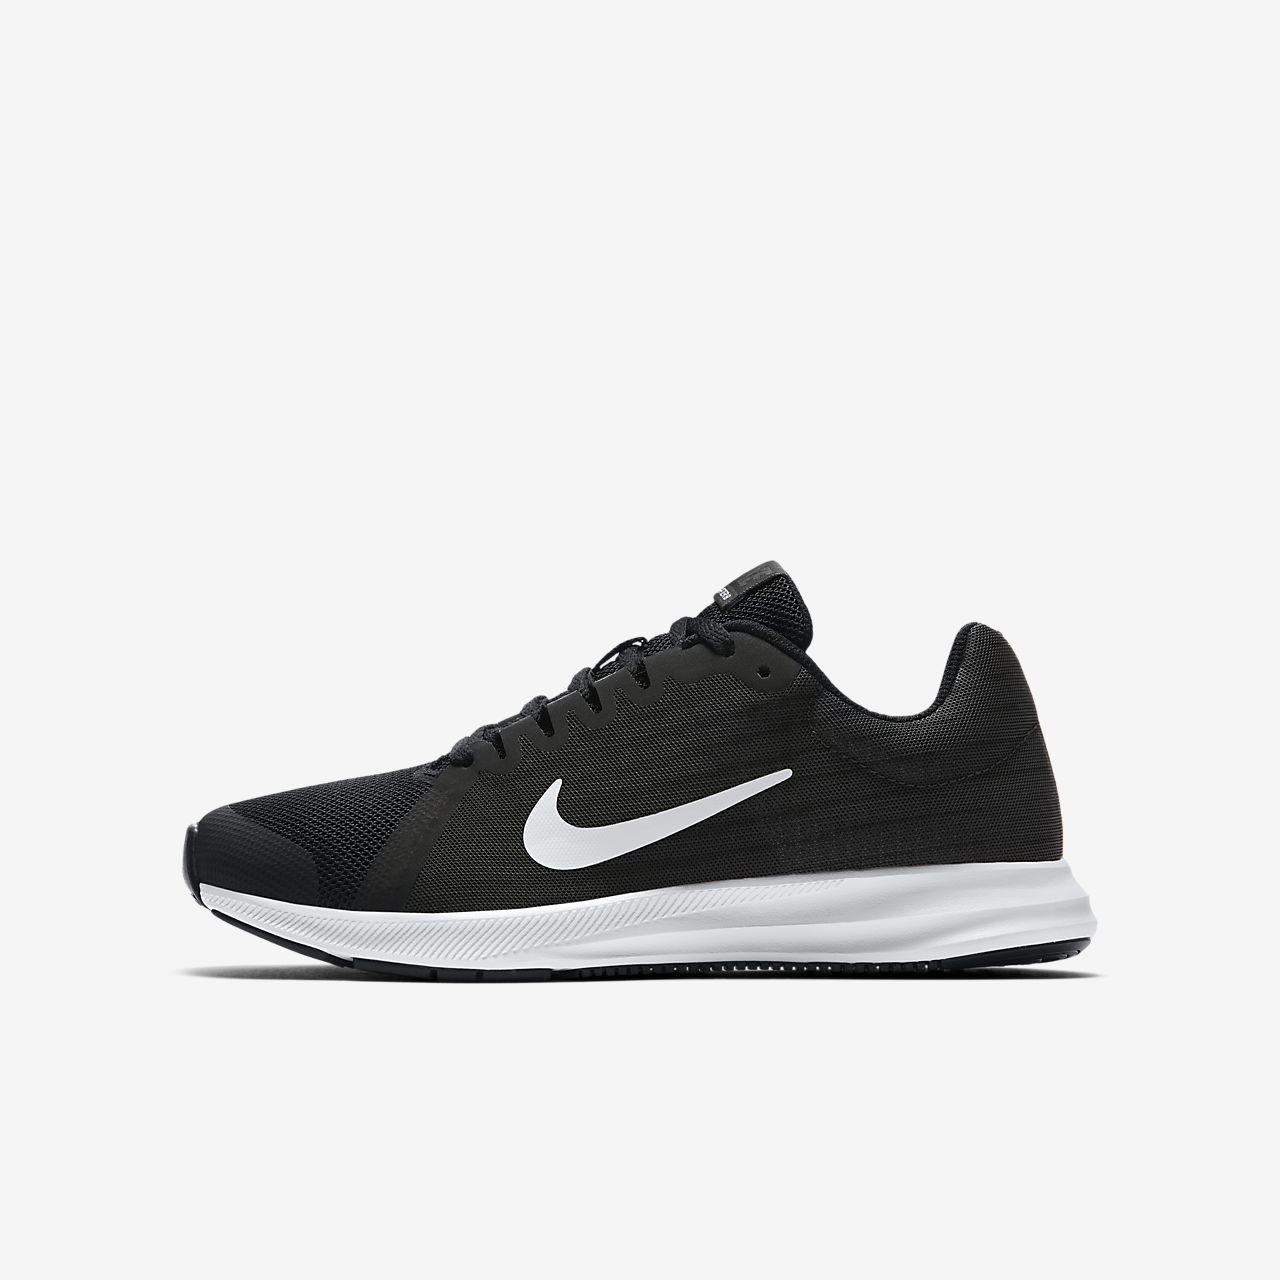 new arrival c2073 bfba8 ... Chaussure de running Nike Downshifter 8 pour Enfant plus âgé